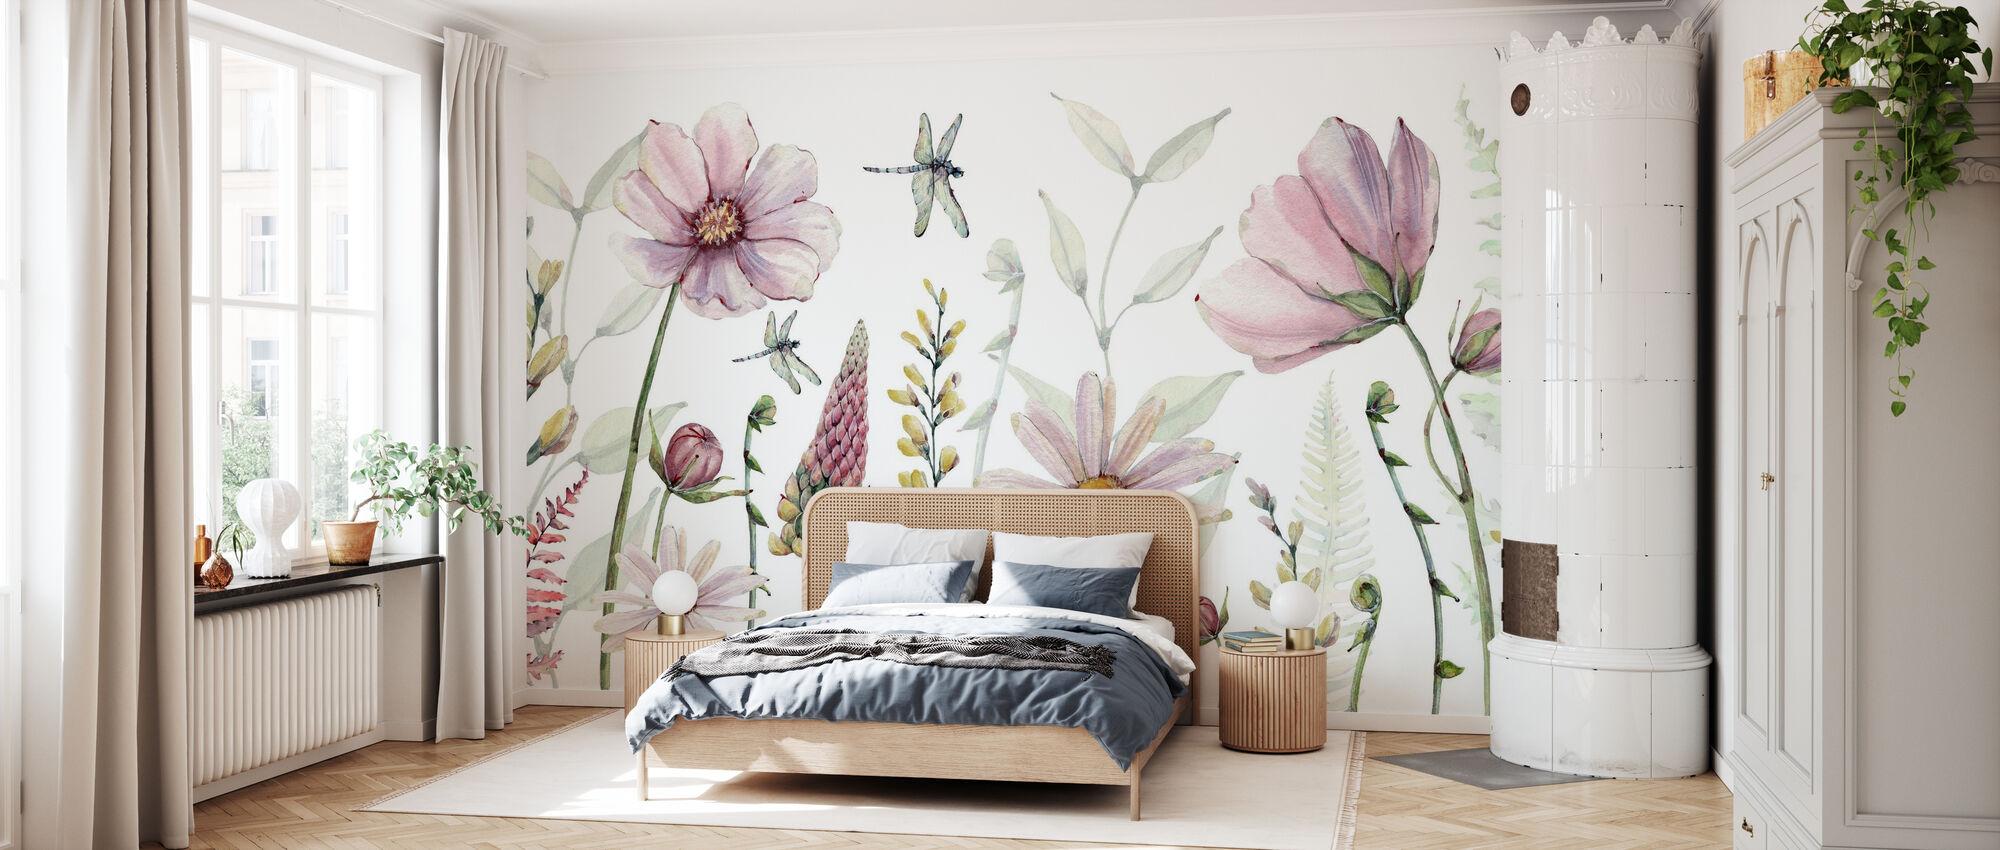 Fabulosas flores - Papel pintado - Dormitorio